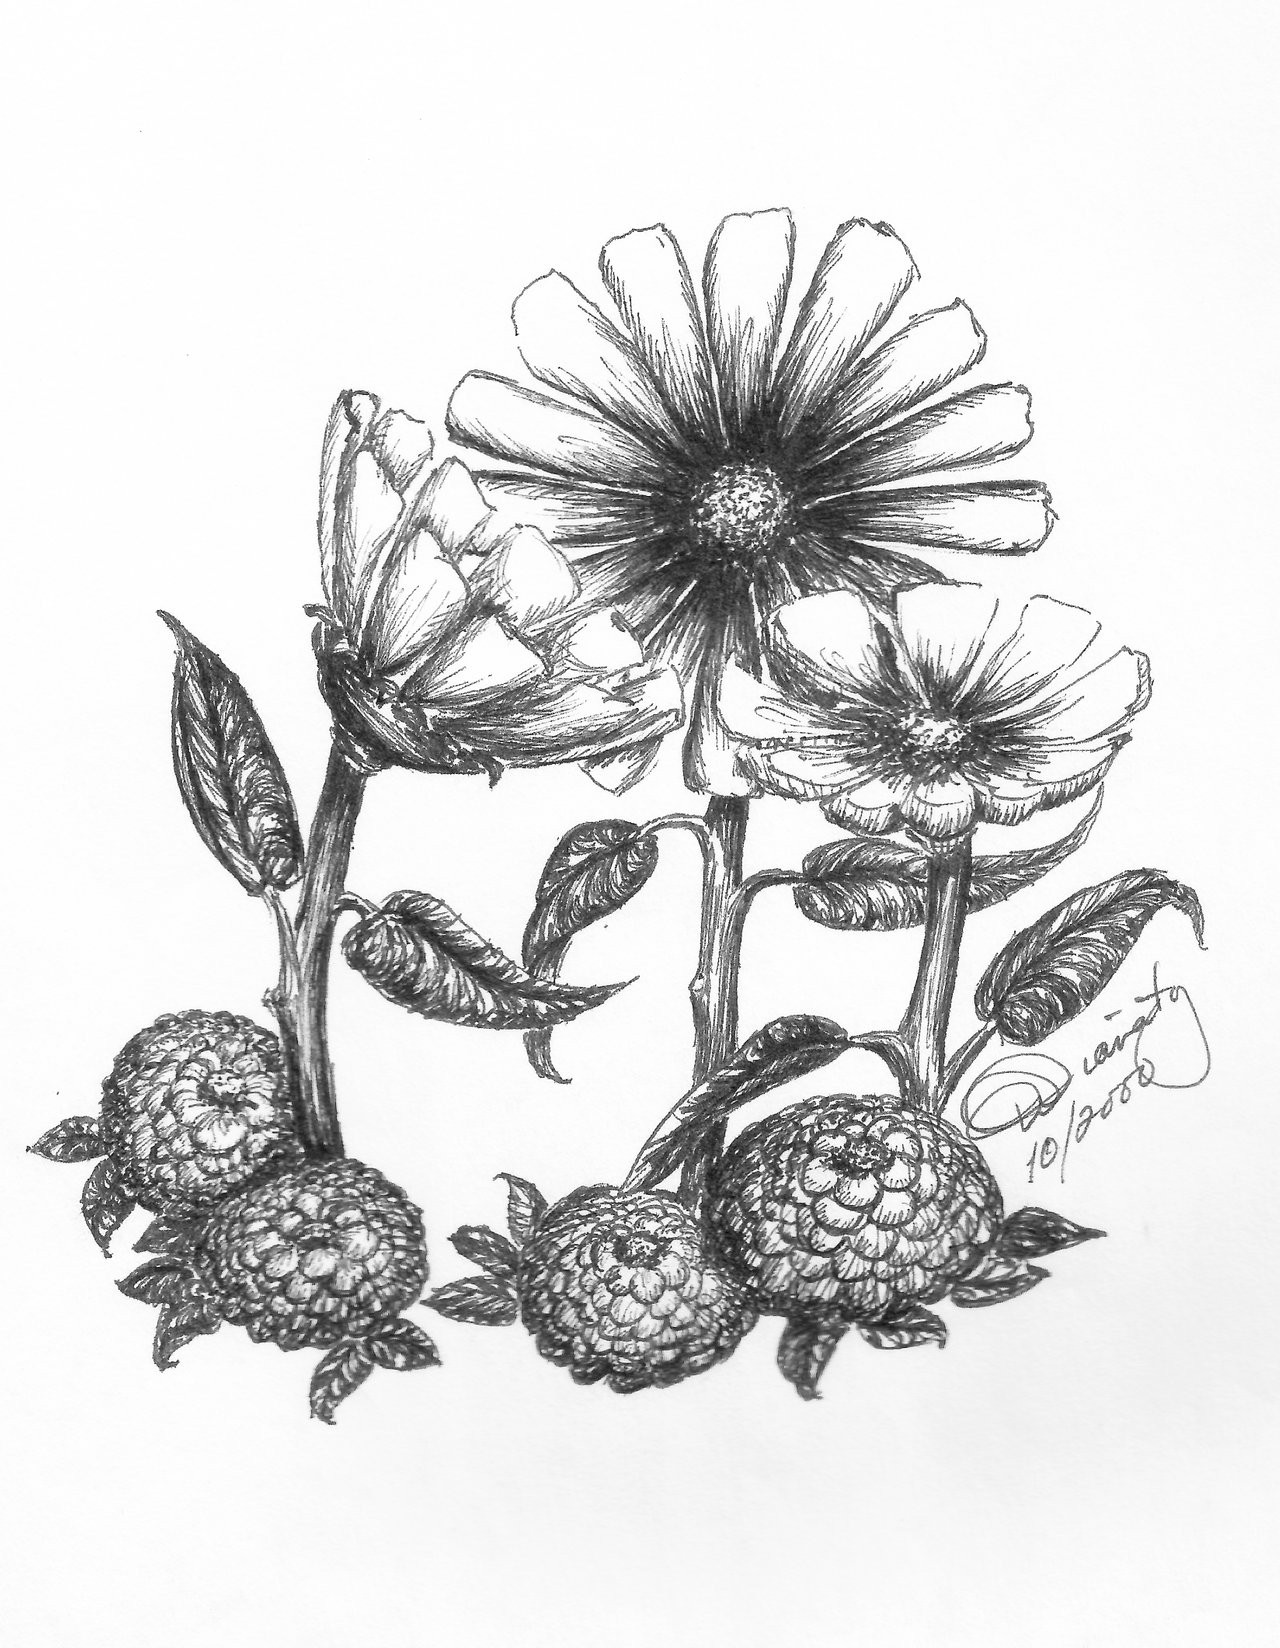 daisiesmums penandink jpg